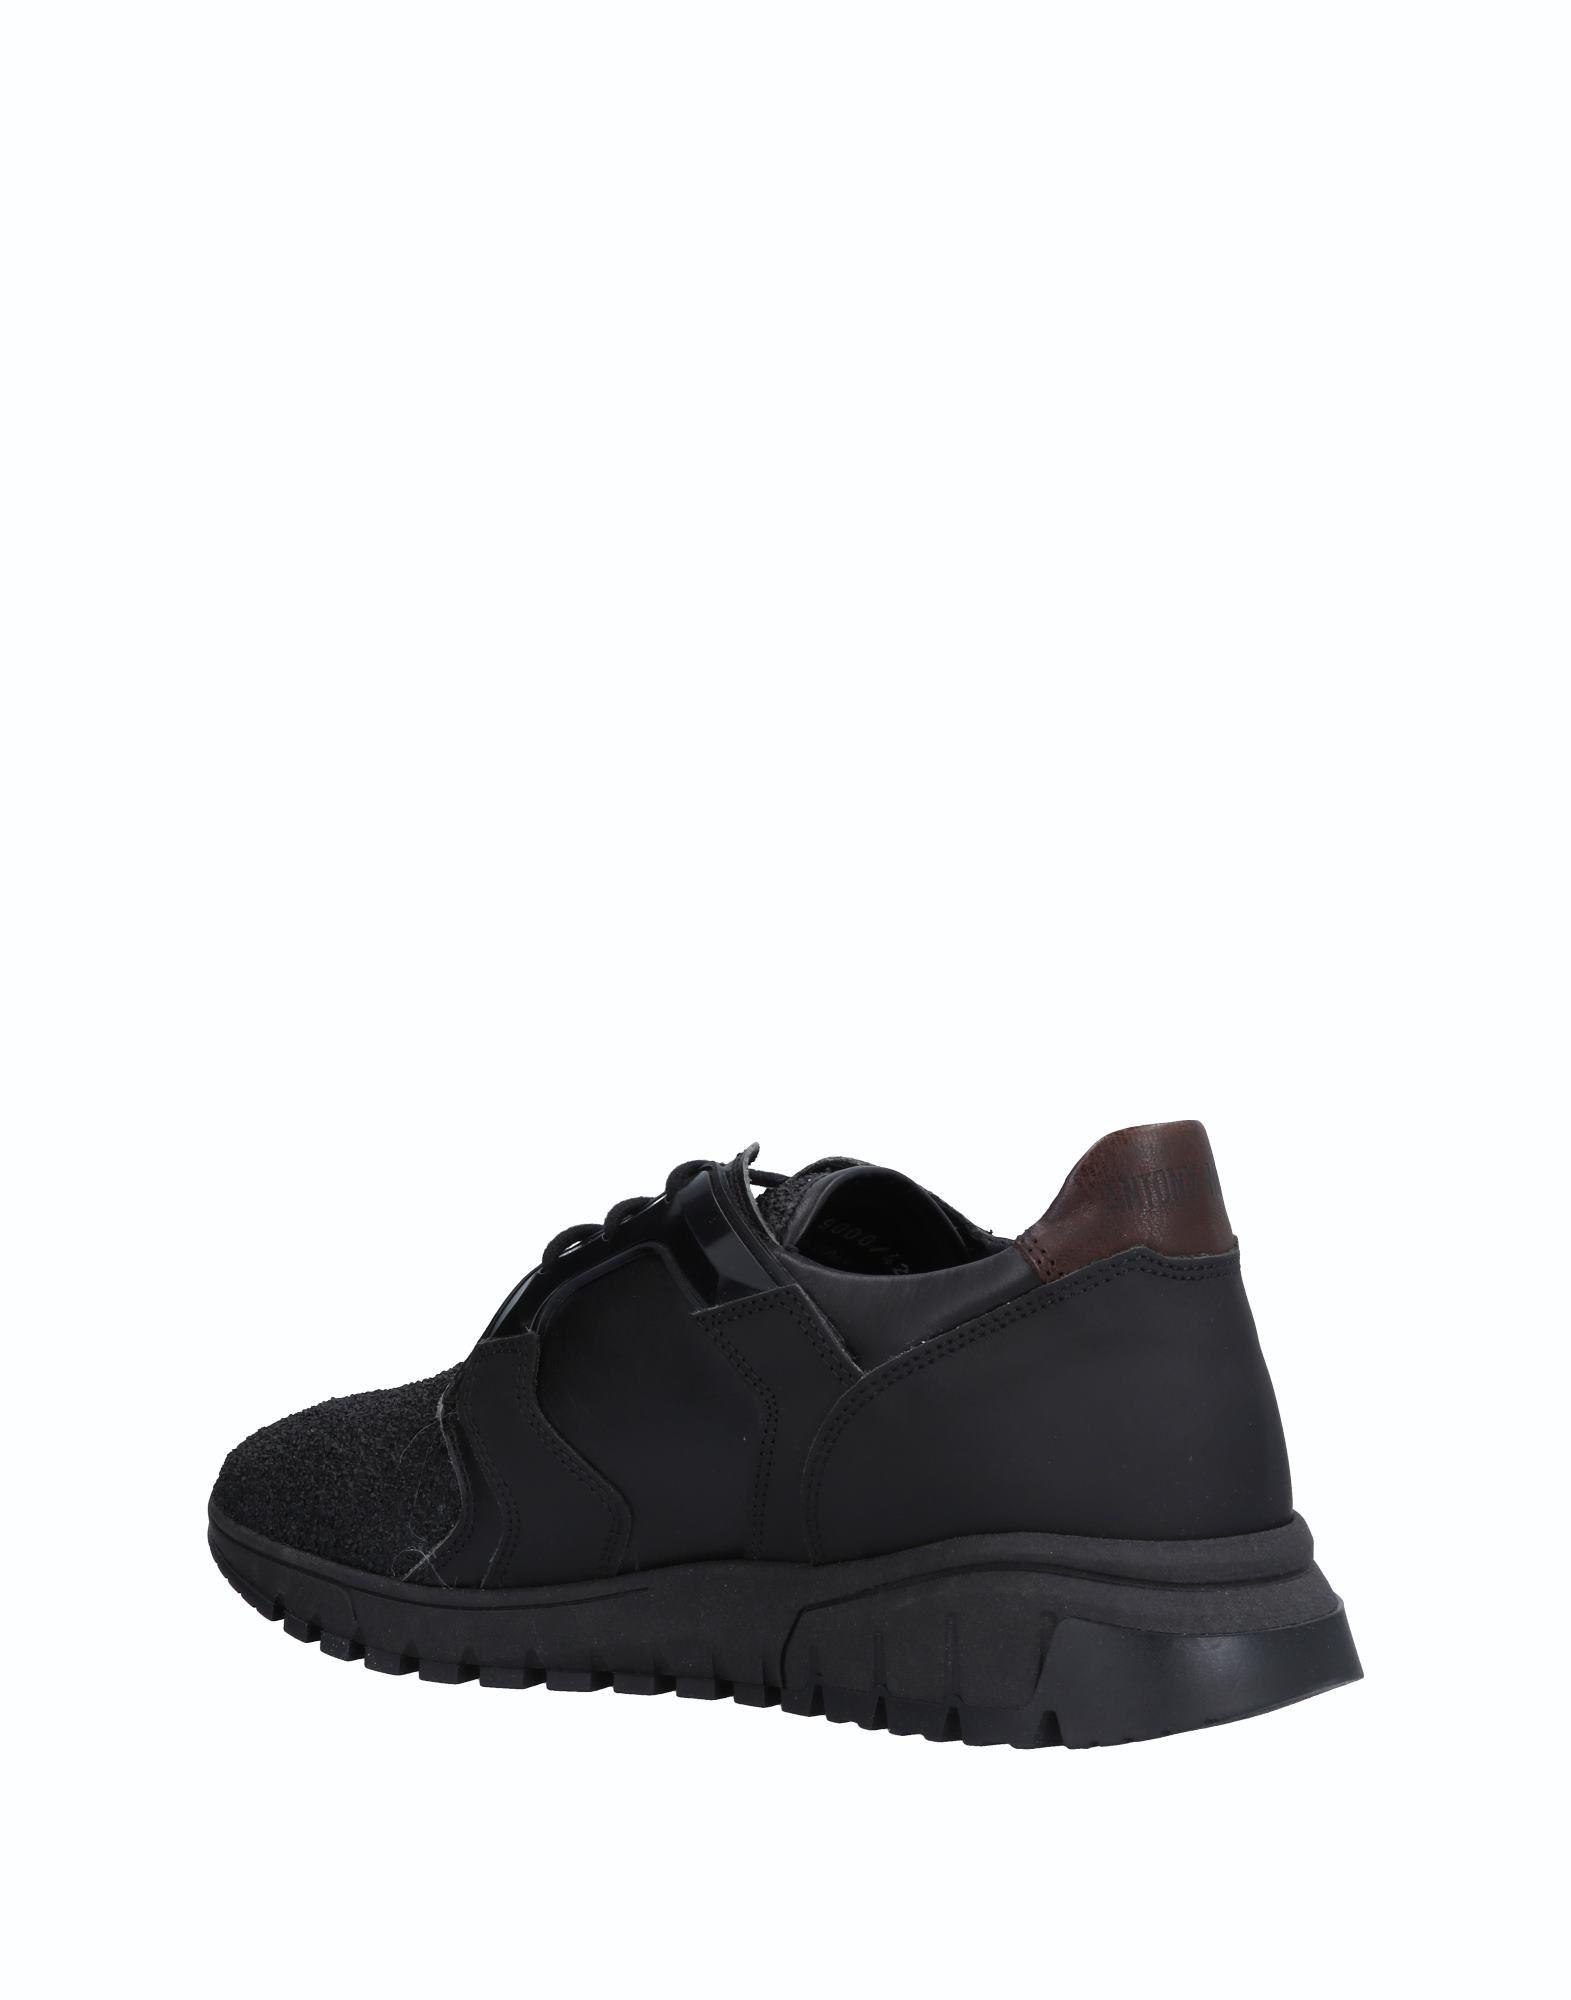 Rabatt Schuhe echte Schuhe Rabatt Antony Morato Sneakers Herren  11499171QH 740637